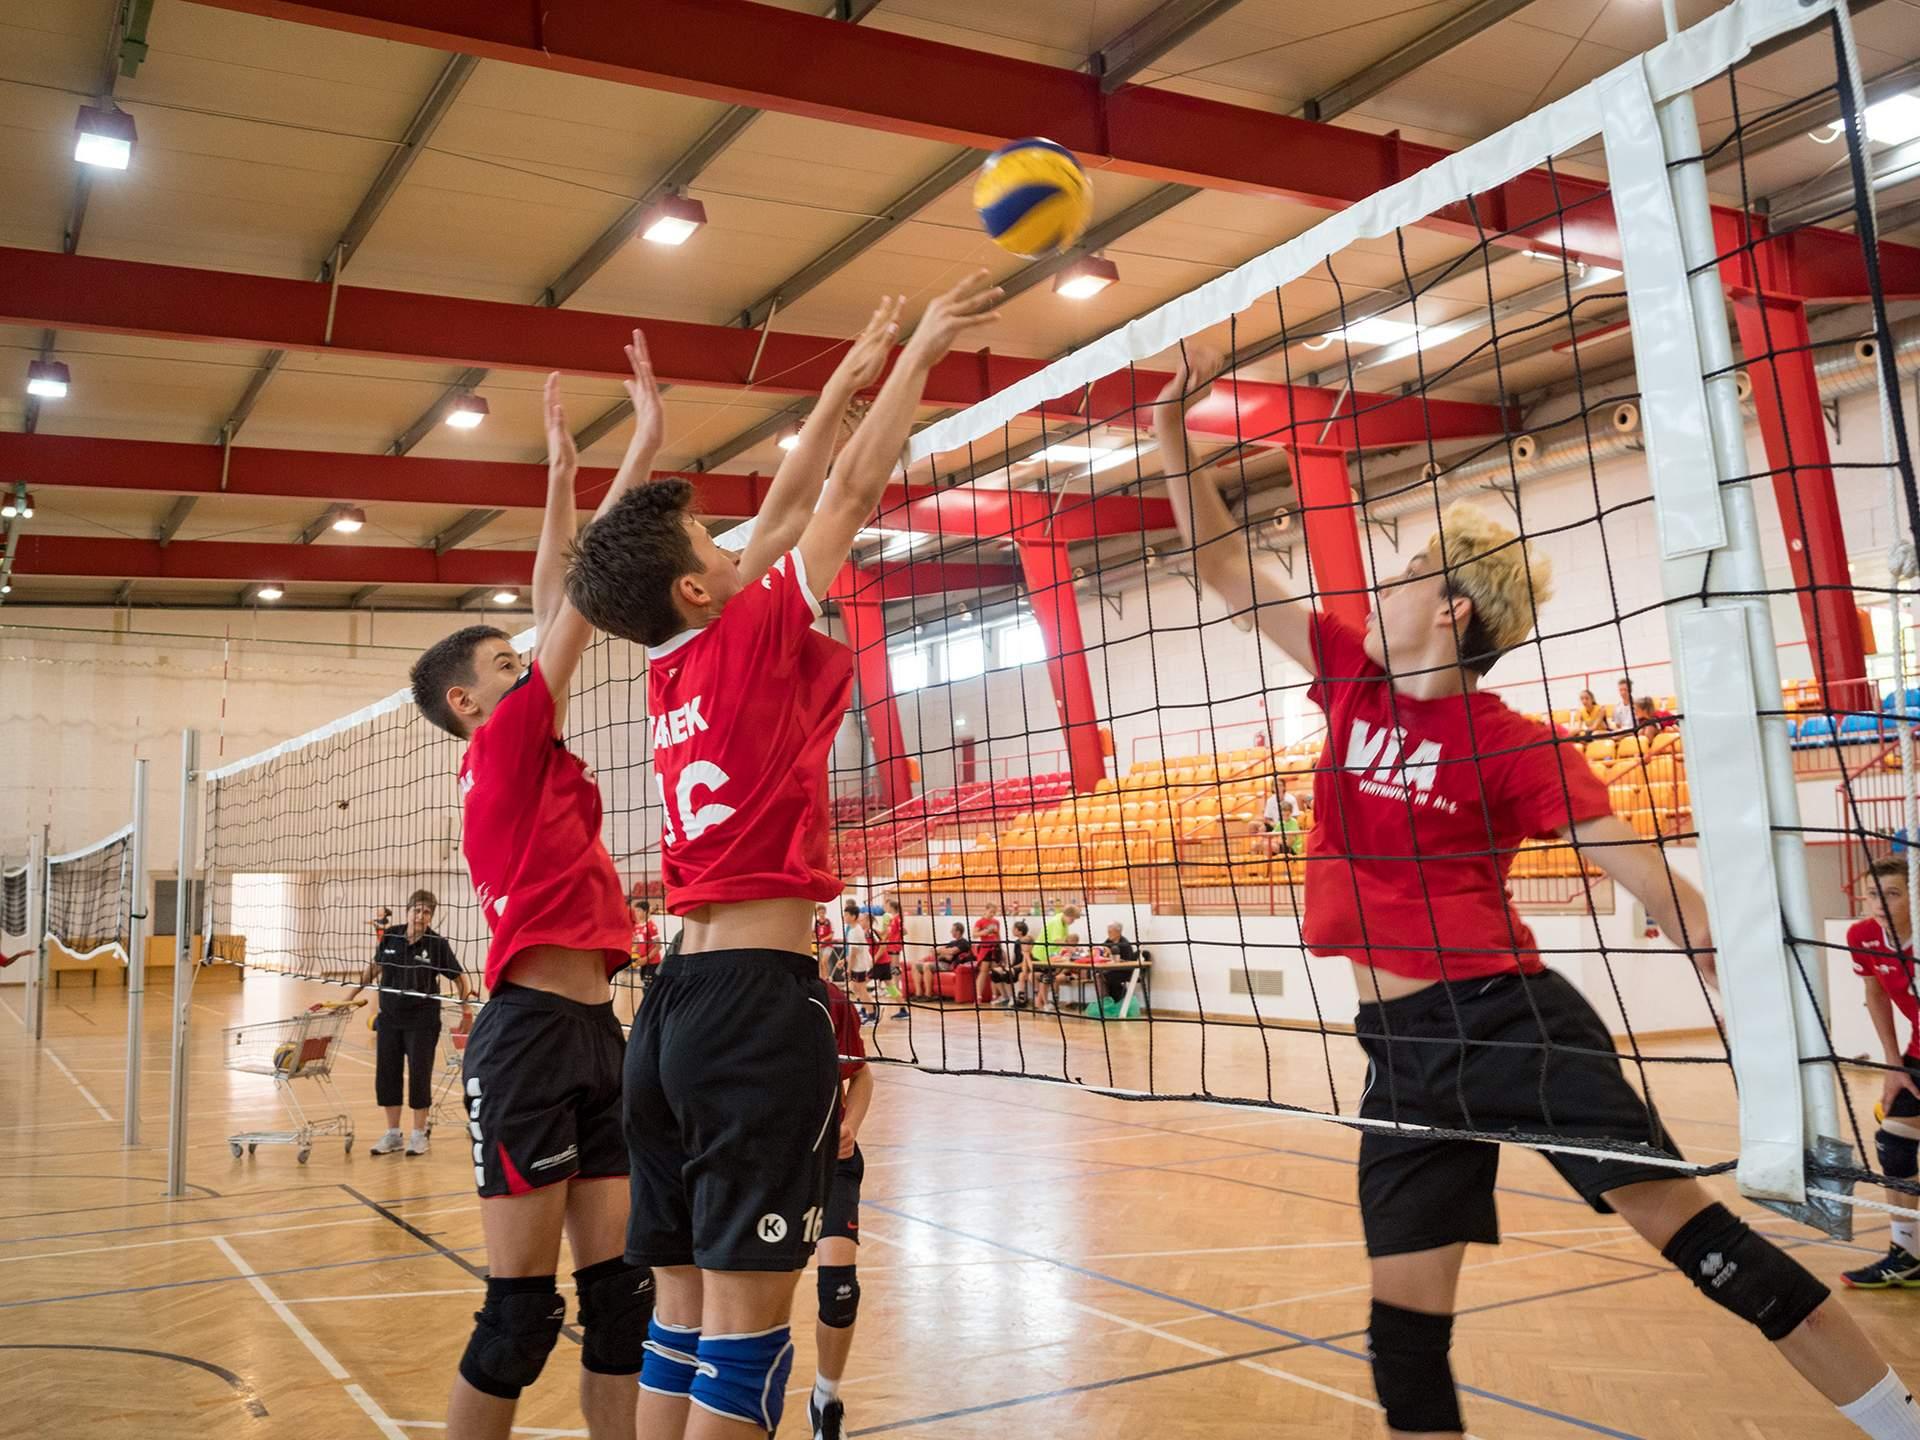 Volleyball Action im Sporthotel Kurz